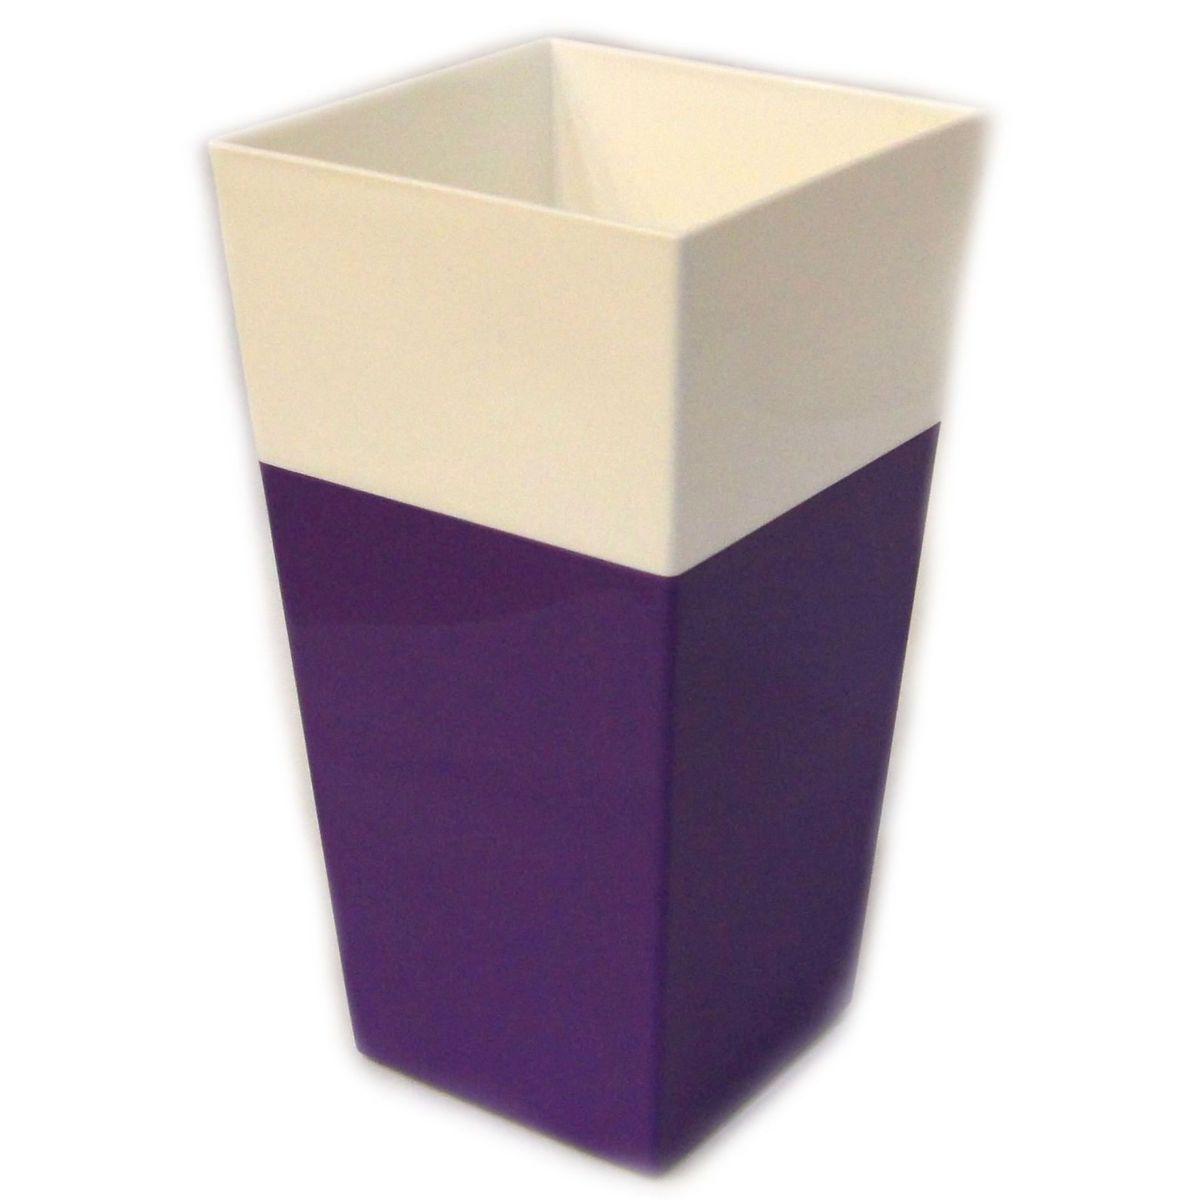 Кашпо JetPlast Дуэт, цвет: фиолетовый, белый, высота 34 см531-402Кашпо имеет строгий дизайн и состоит из двух частей: верхней части для цветка и нижней – поддона. Конструкция горшка позволяет, при желании, использовать систему фитильного полива, снабдив горшок веревкой. Оно изготовлено из прочного полипропилена (пластика).Размеры кашпо: 18 х 18 х 34 см.